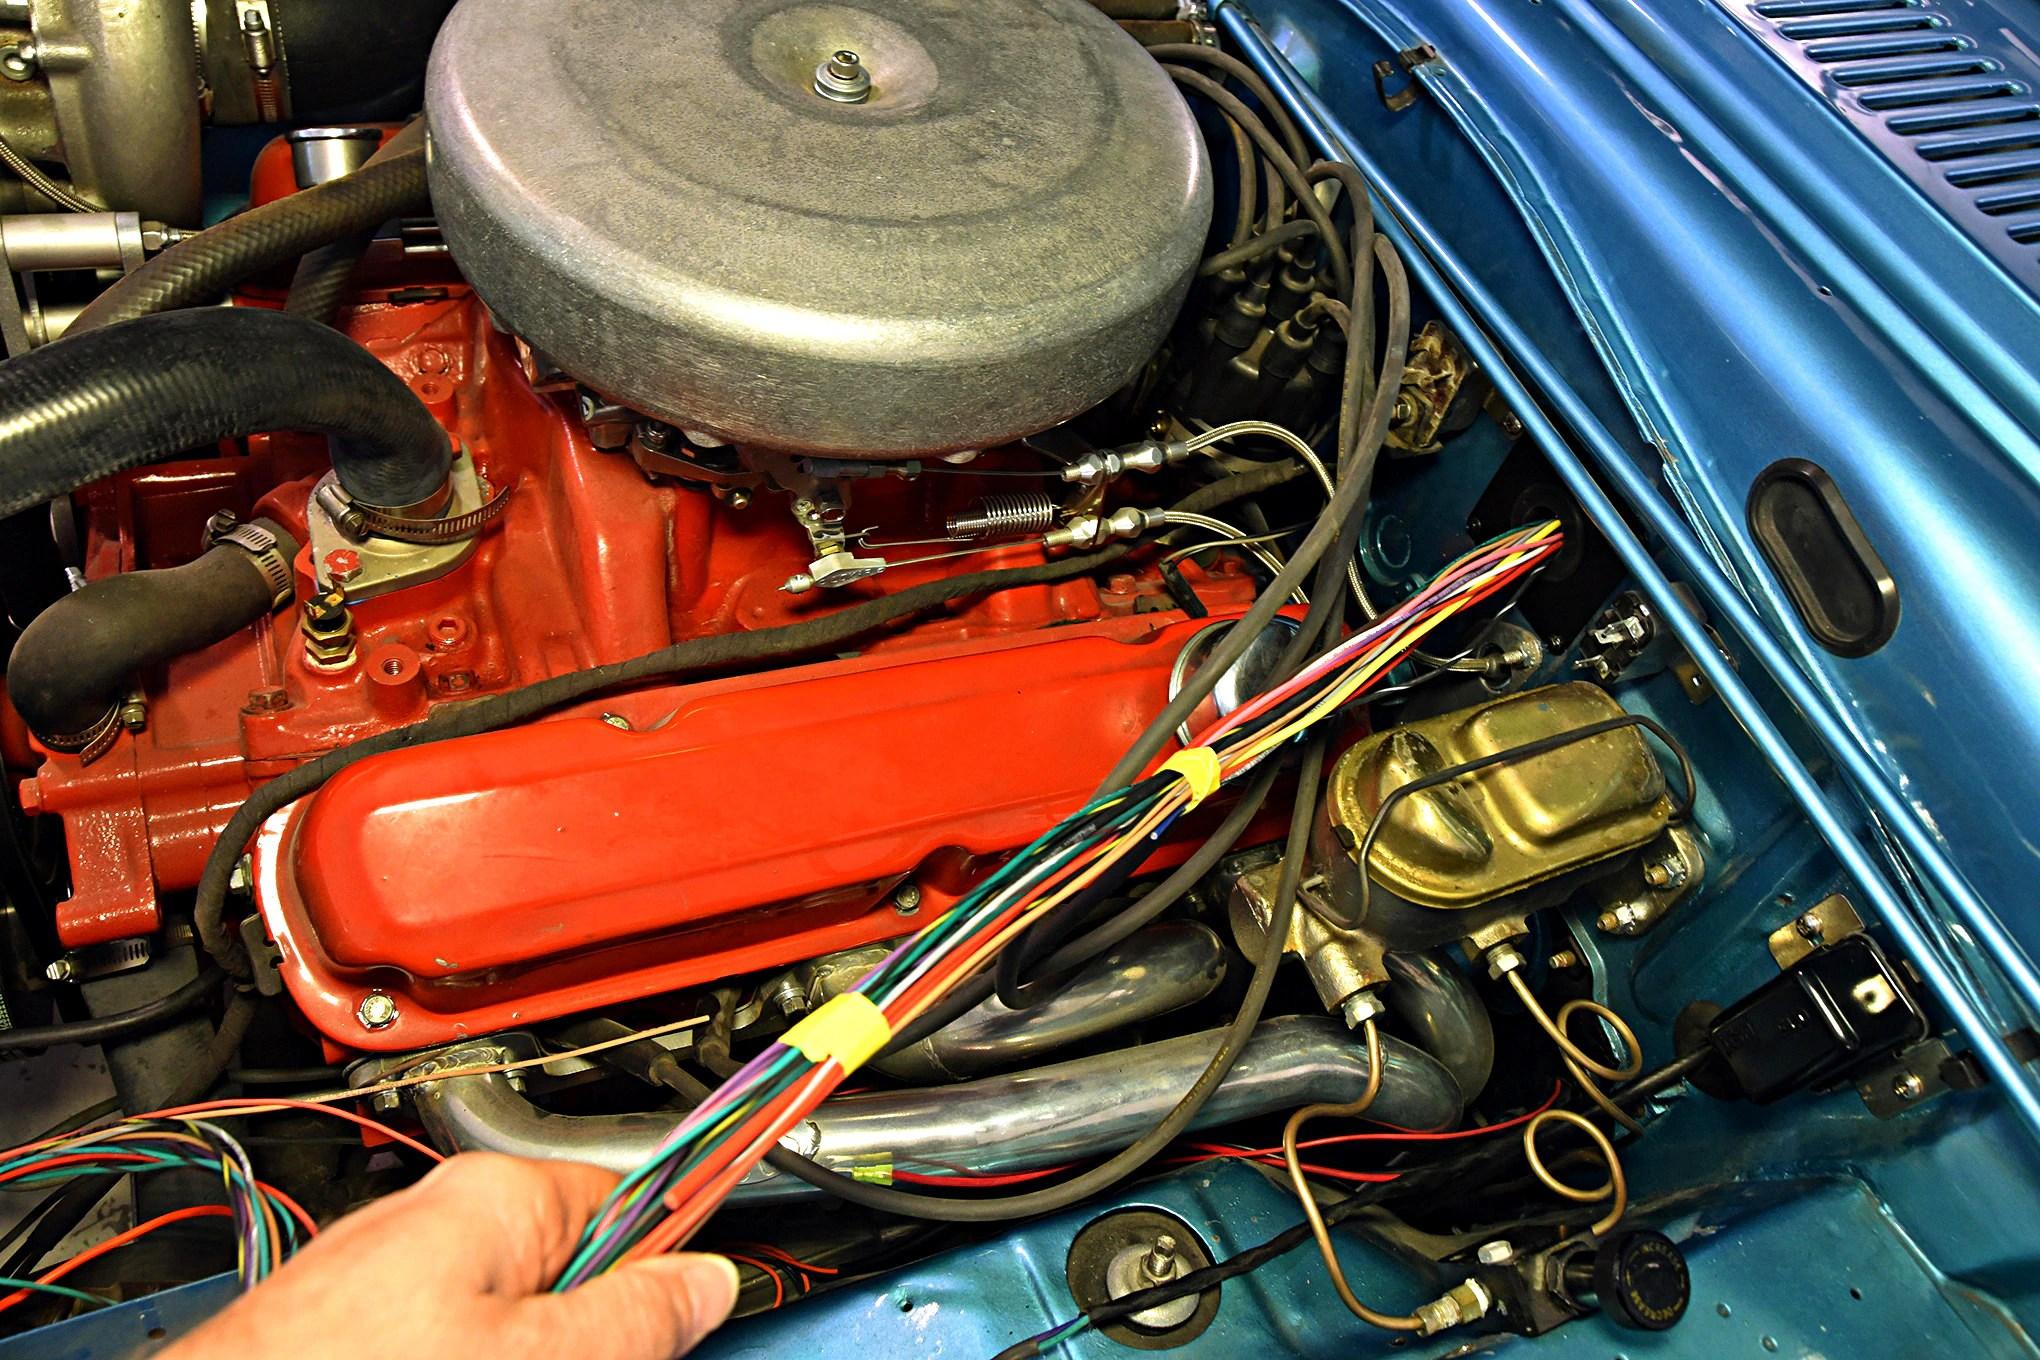 medium resolution of 1965 plymouth barracuda wiring diagram 1971 plymouth barracuda 1969 plymouth wiring diagram 1965 ply barracuda wiring